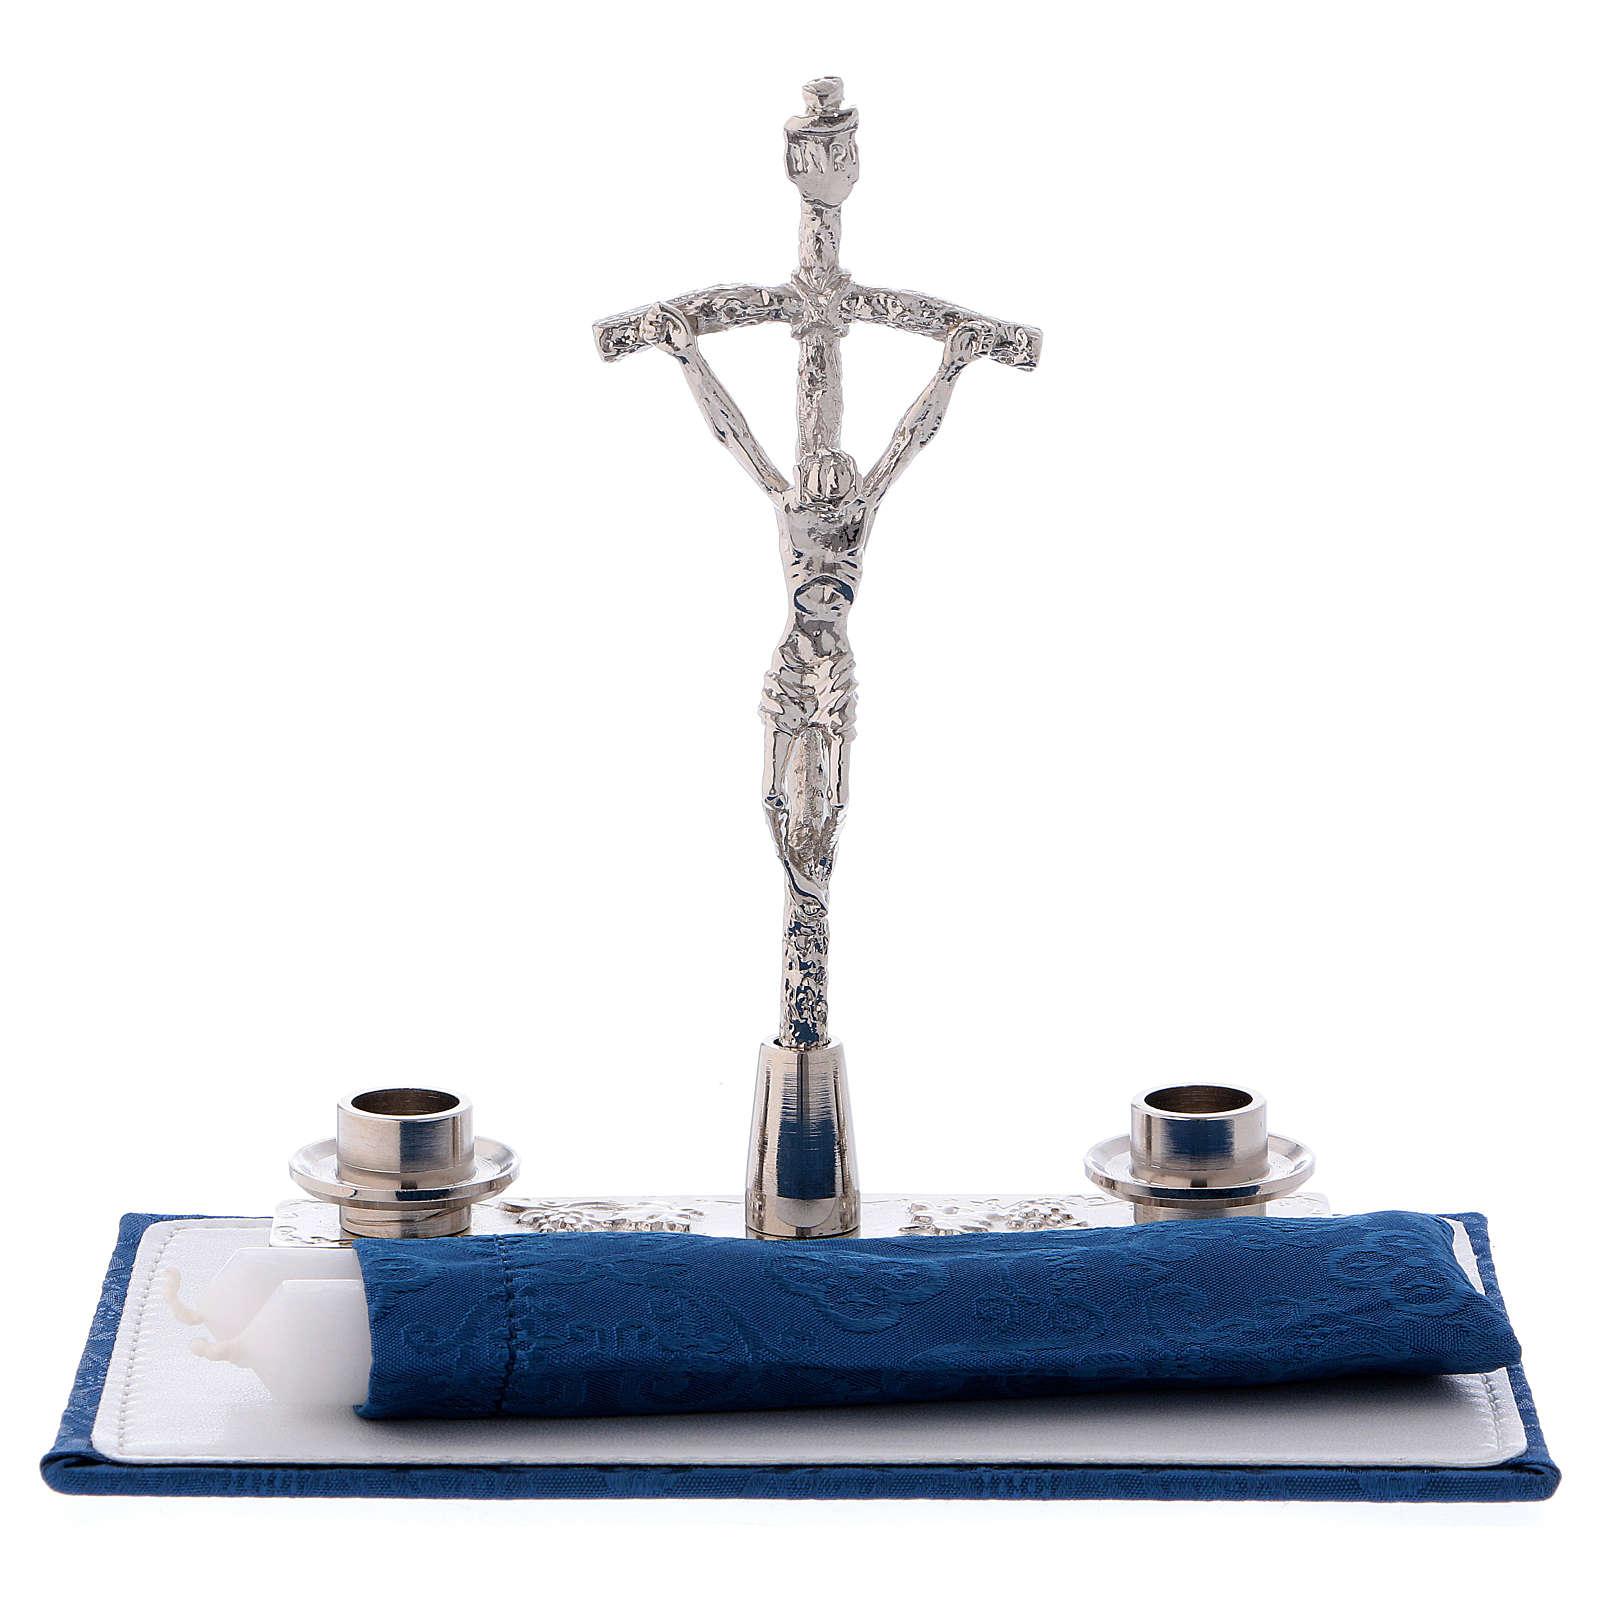 Valise chapelle souple modèle porte-documents en tissu technique avec lanière réglable 3